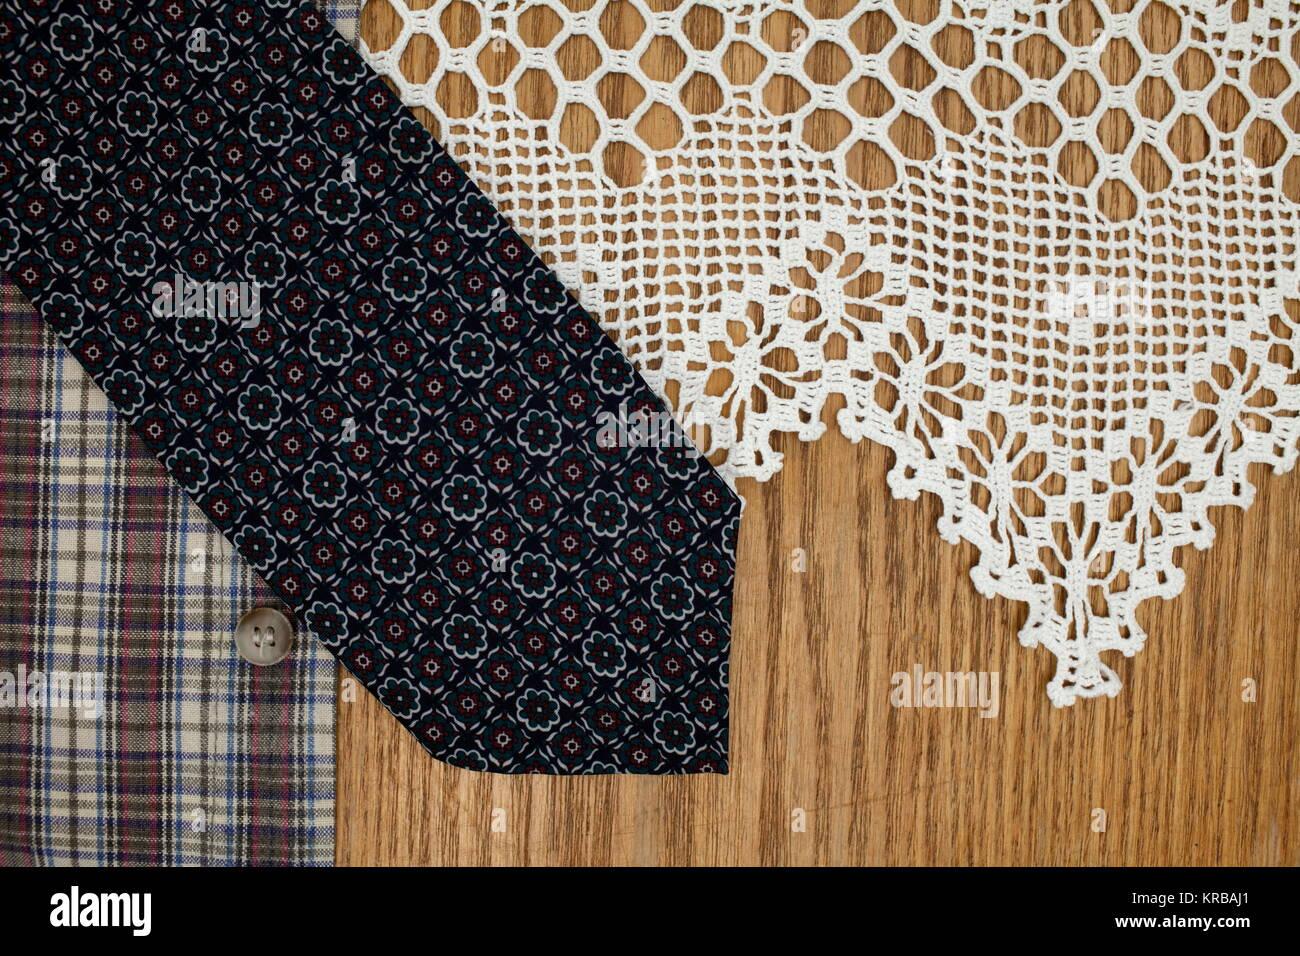 Der Mann Krawatte, Hemd, spitze Serviette konzeptionelle Bild eines klassischen Stil in der Mode Stockbild